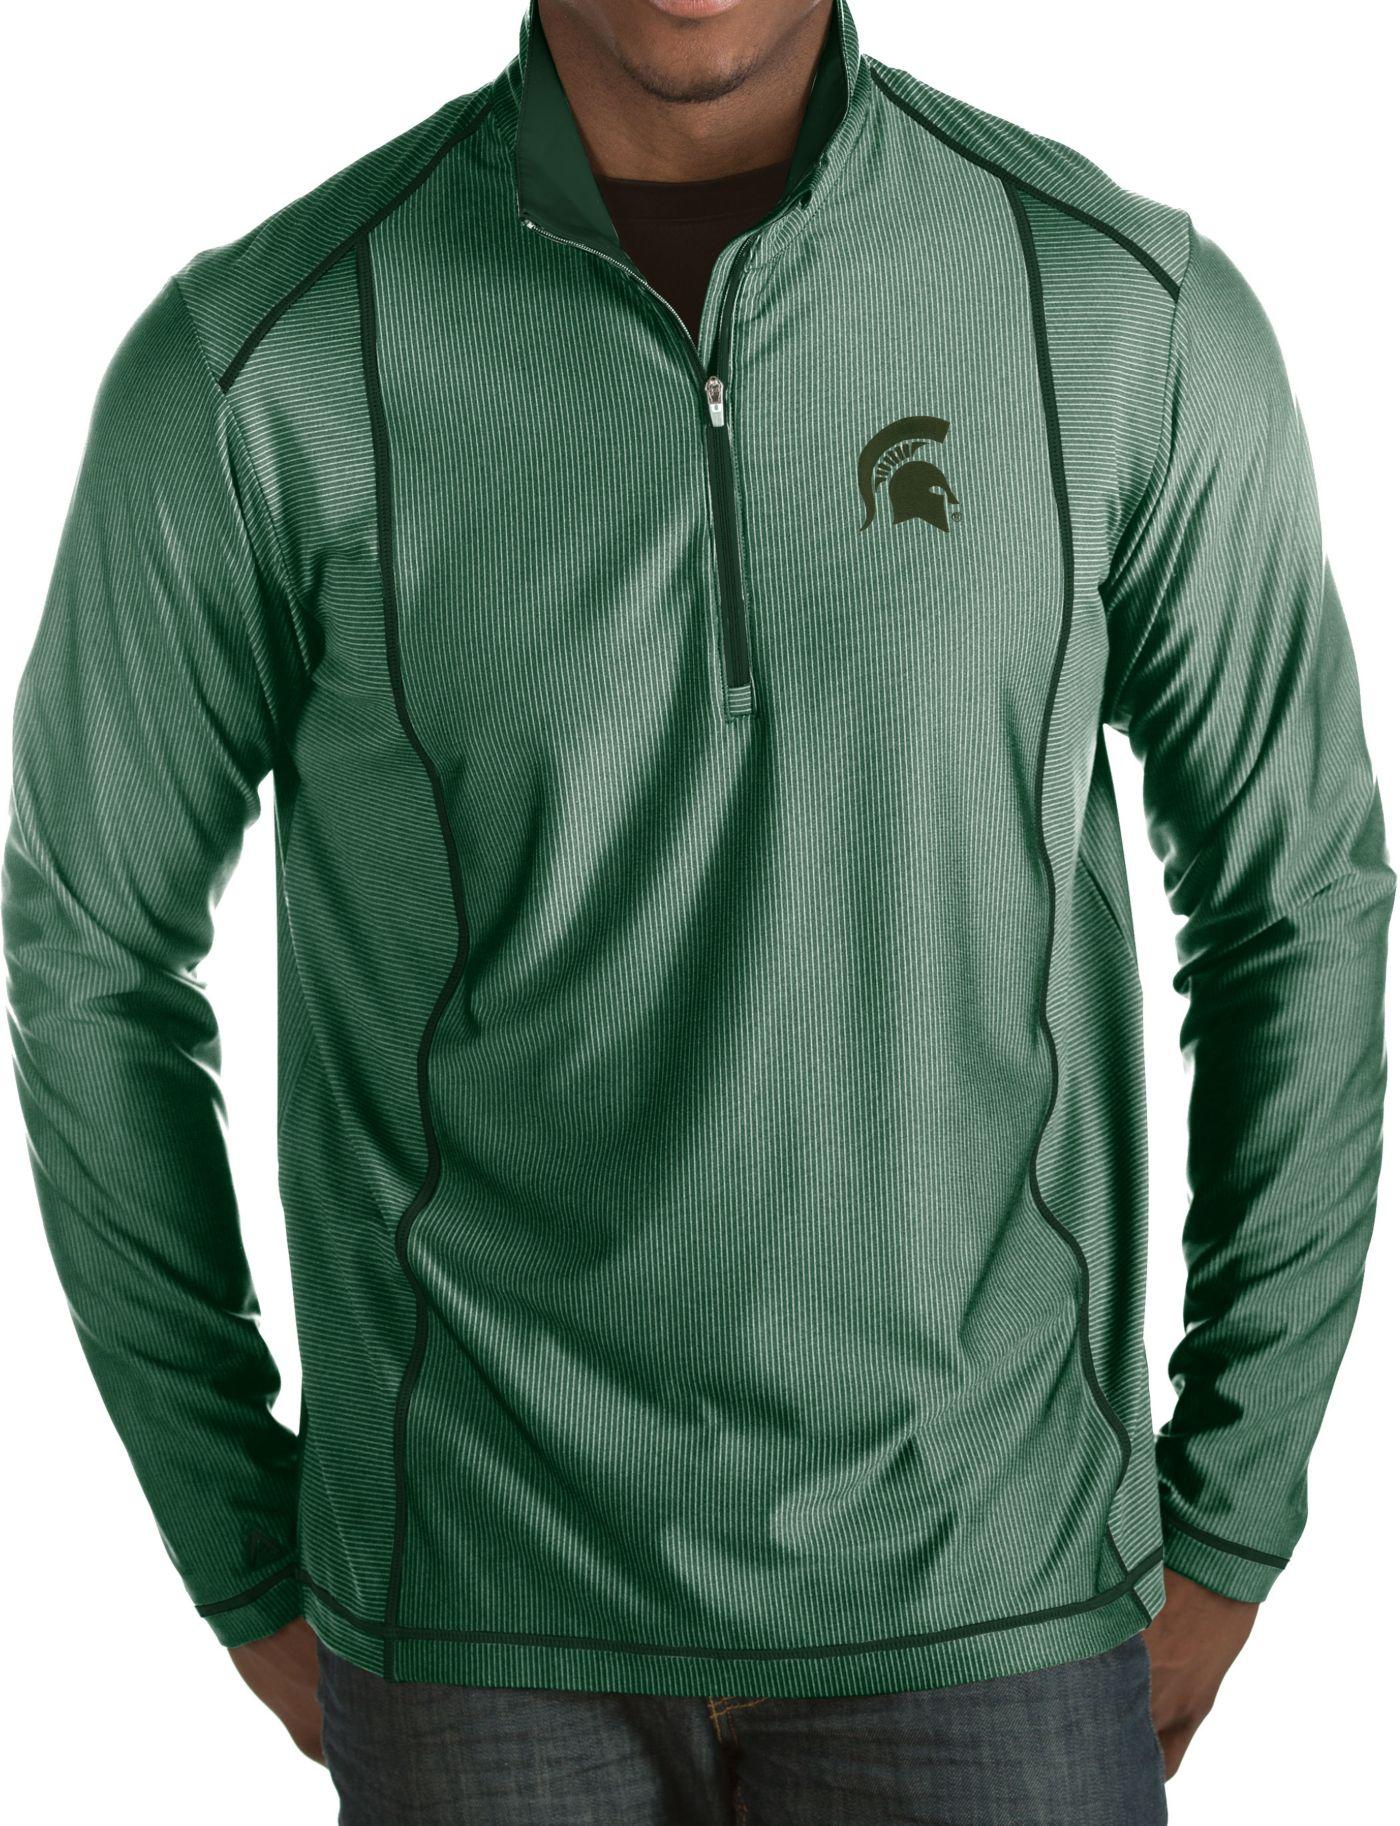 Antigua Men's Michigan State Spartans Green Tempo Half-Zip Pullover